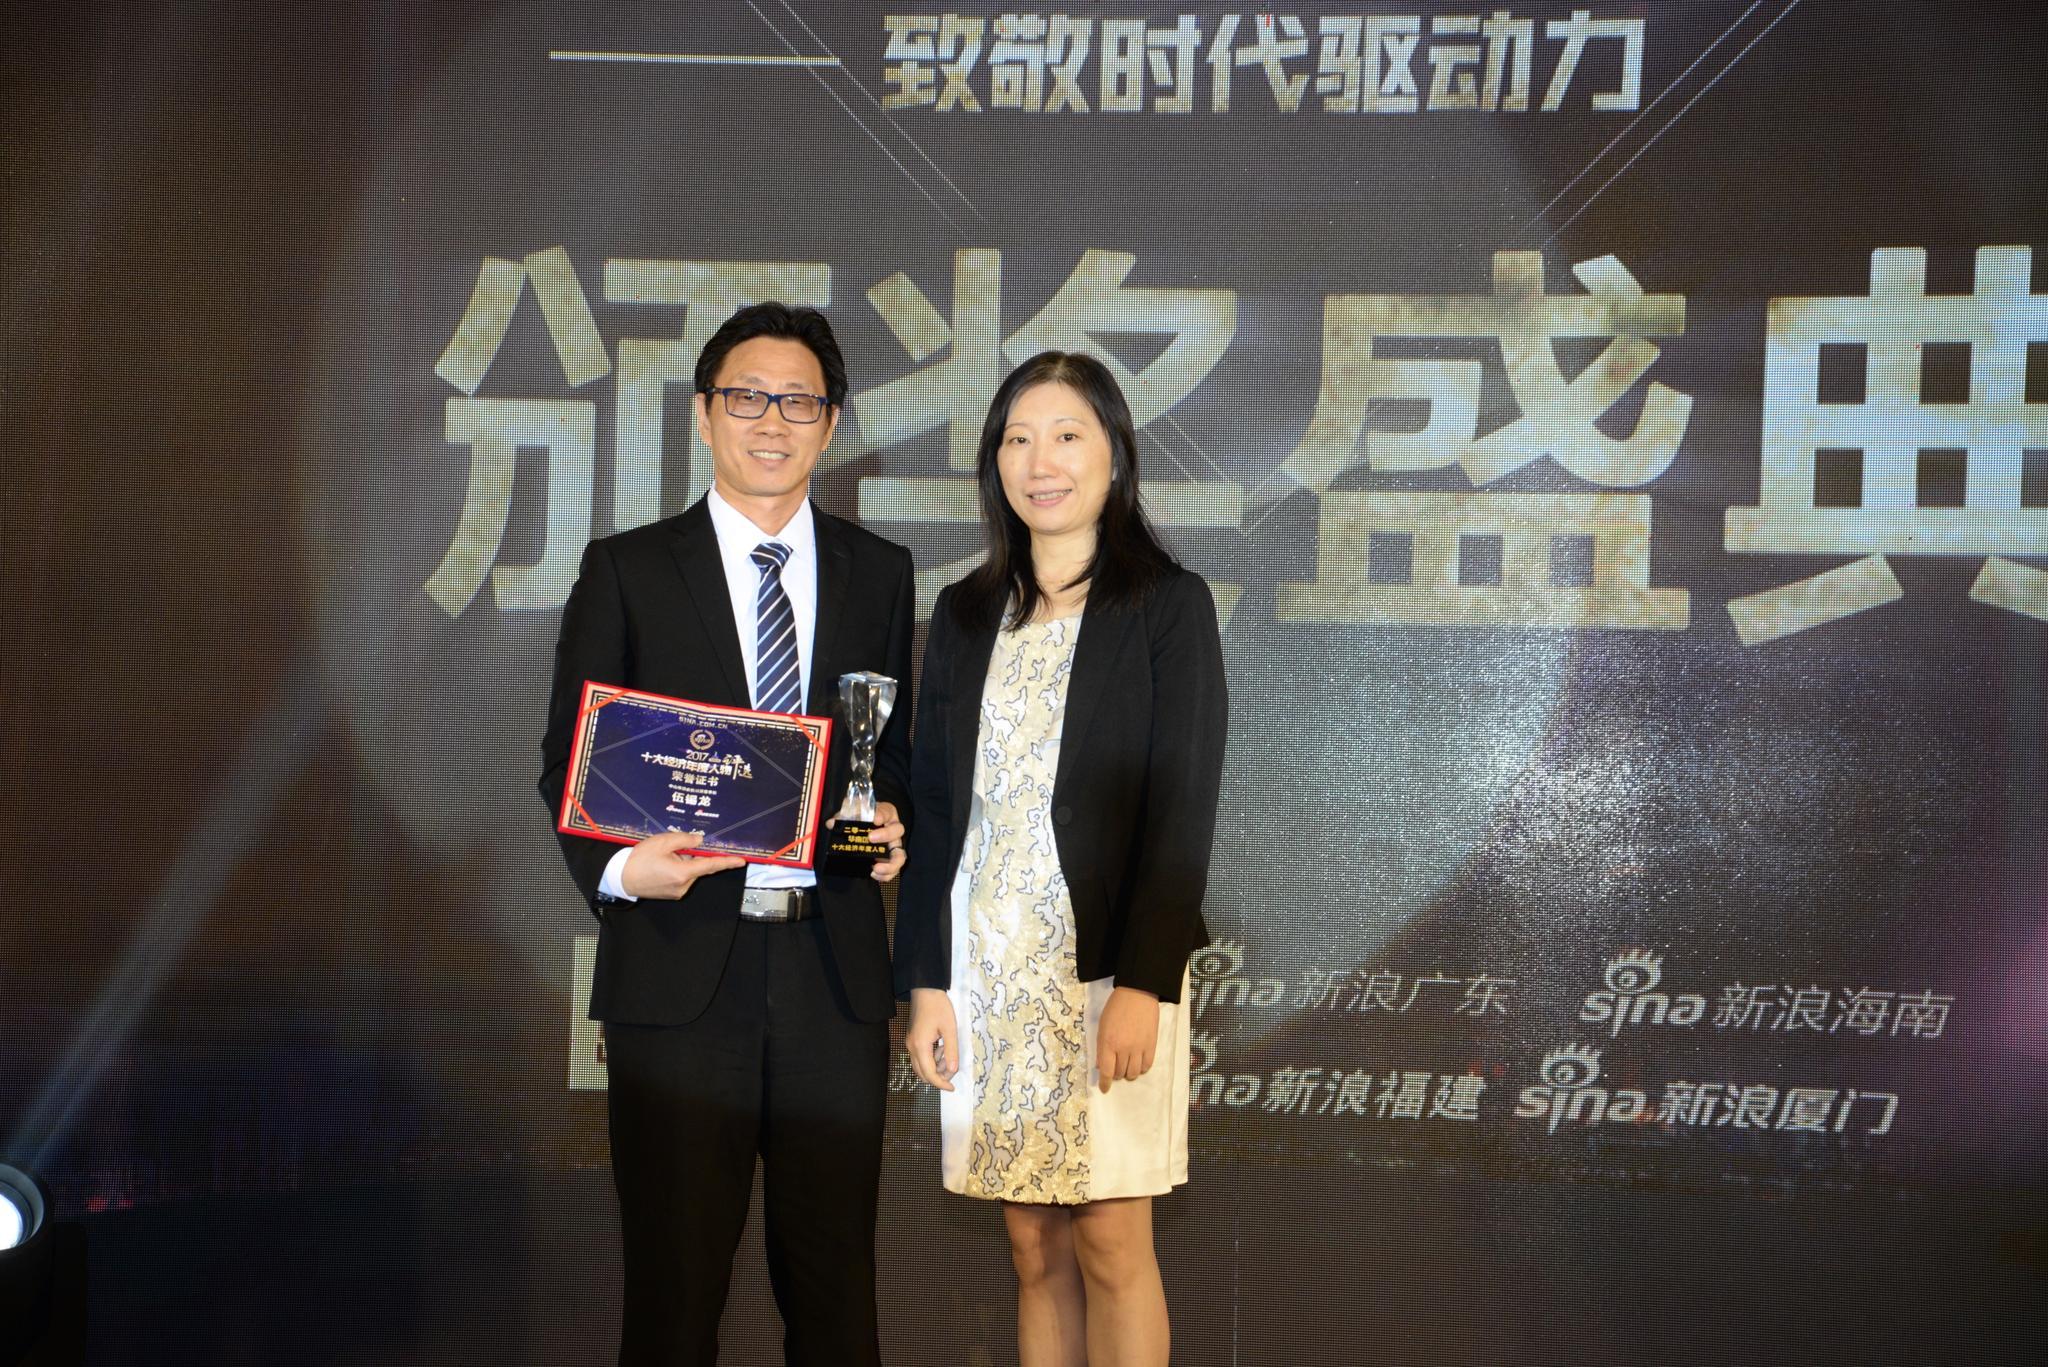 2017年华南区十大经济年度人物伍锡龙获奖